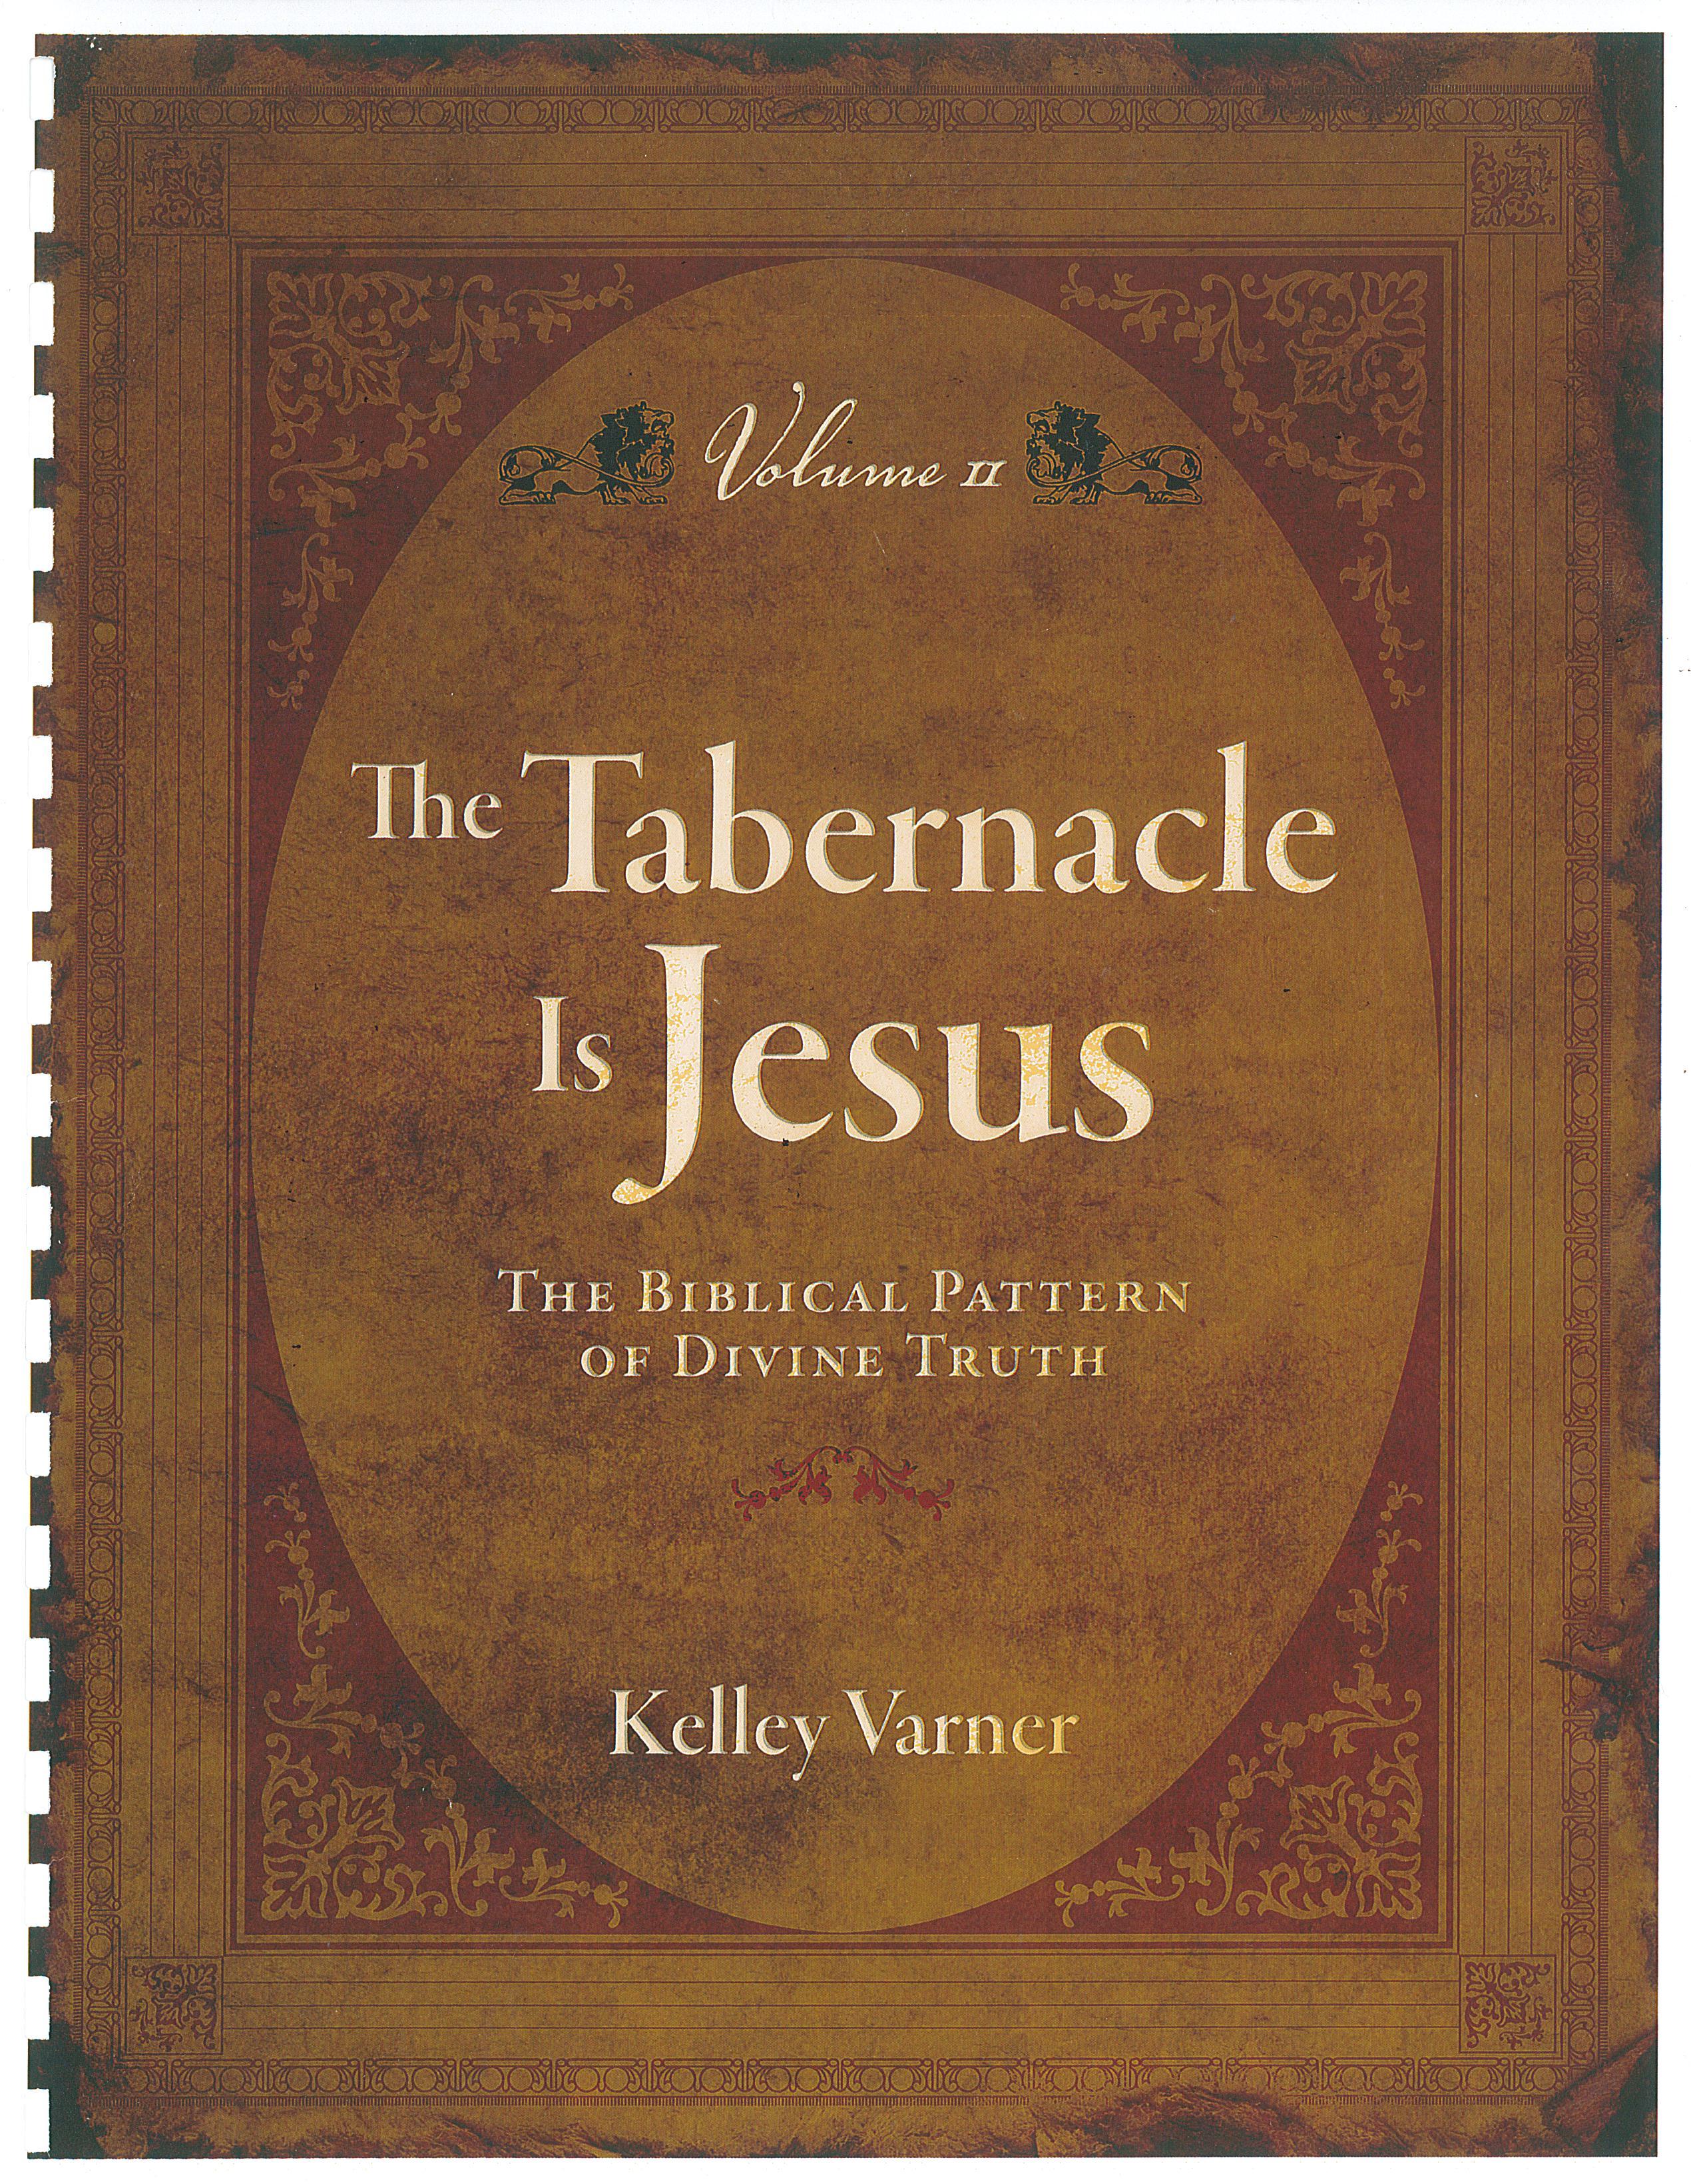 The Tabernacle Is Jesus Volume 2 Kelley Varner Ministries